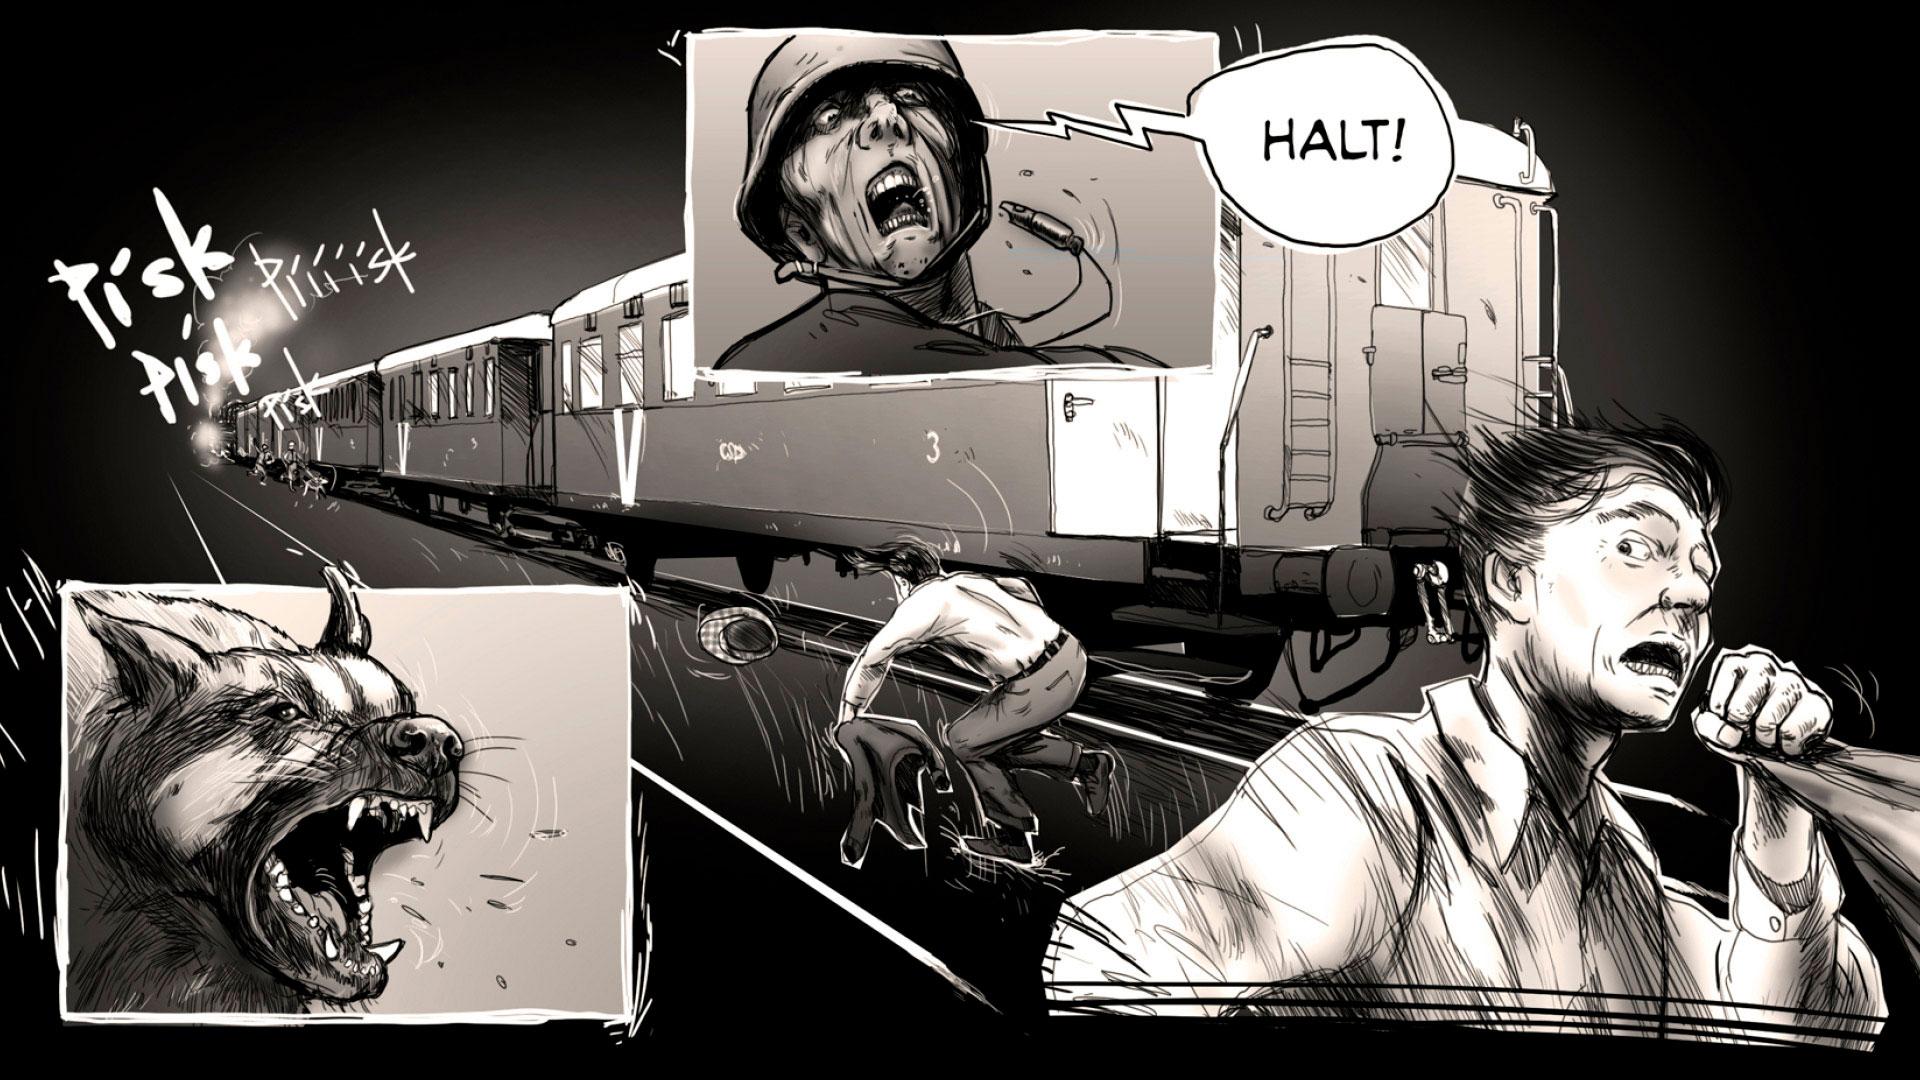 """Comic-Panels anstelle animierter Sequenzen: Um seine bedrückende Geschichte zu erzählen, greift """"Attentat 1942"""" auf verschiedene Medienformen und Genre-Elemente zurück. Darunter auch..."""